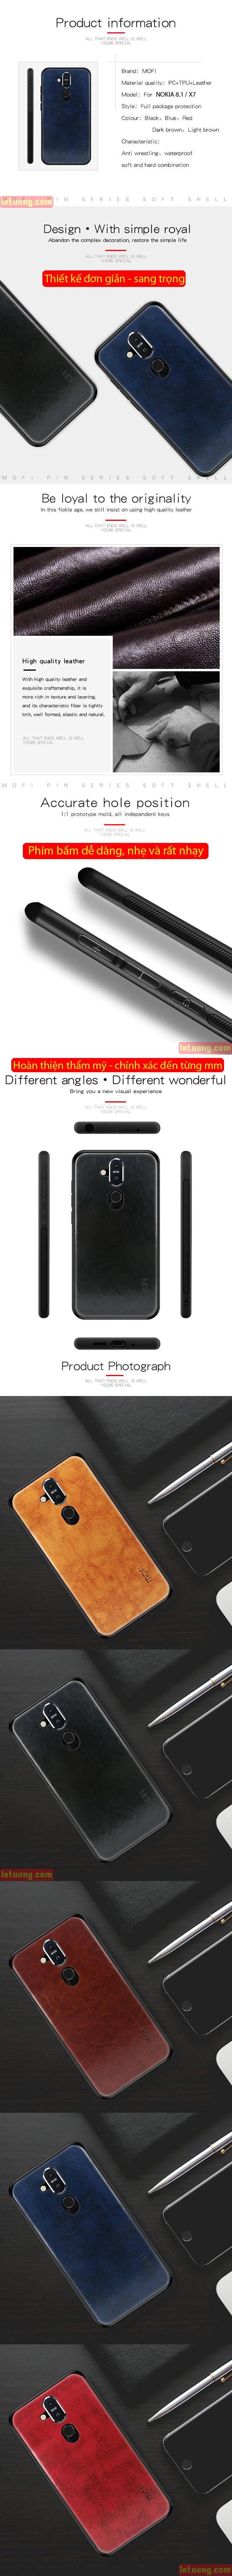 Ốp lưng Nokia 8.1 / X7 2018 Mofi Pin Series vân da - cực đẹp 4